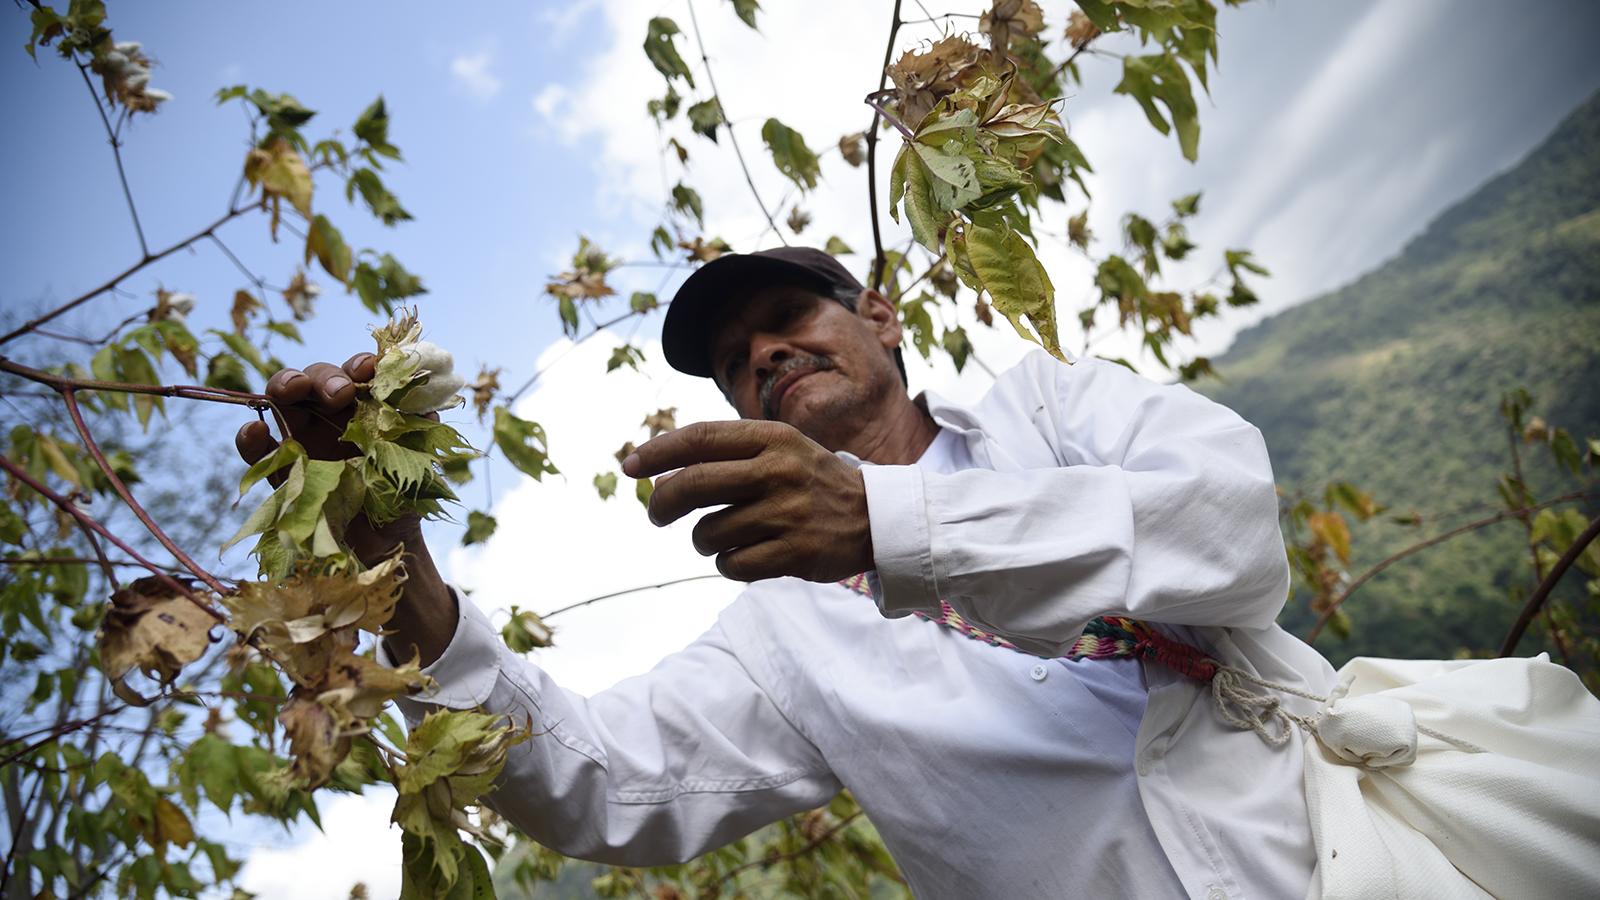 el-cultivo-milenario-que-espera-transformar-la-sierra-nevada-de-santa-marta